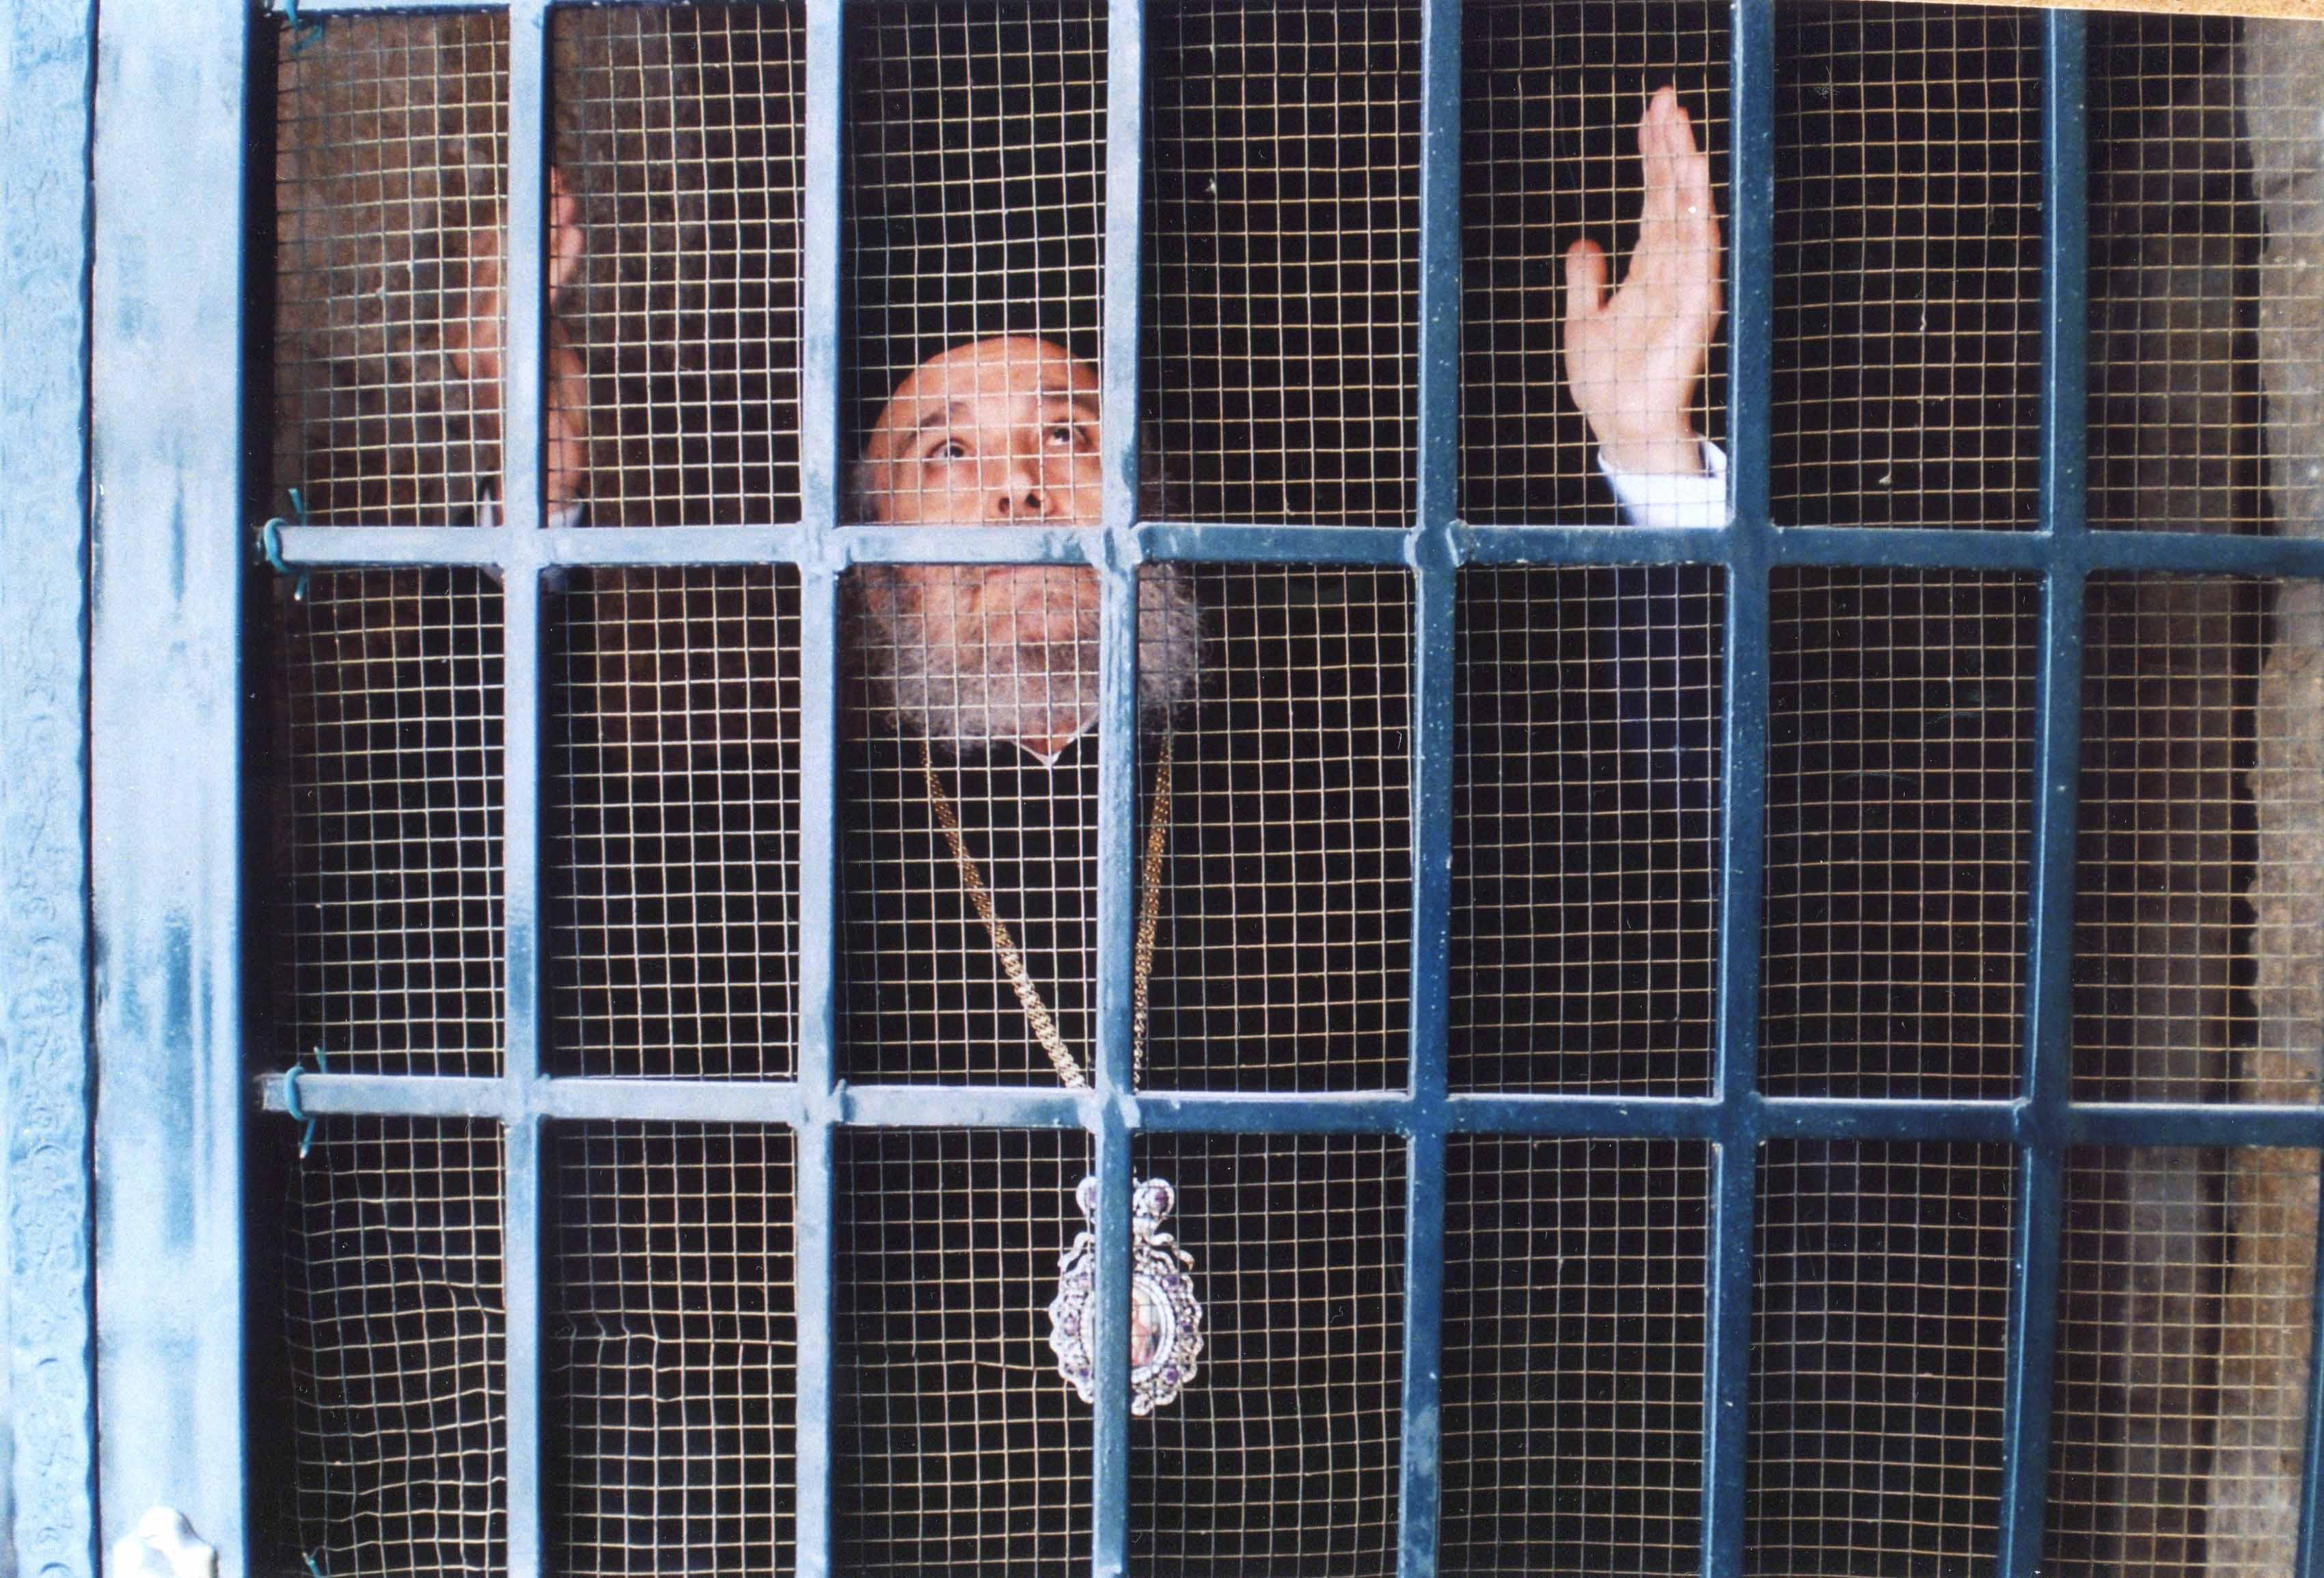 После 7 лет пребывания в затворе бывший Патриарх Иерусалимский Ириней впервые покинул Иерусалимскую Патриархию